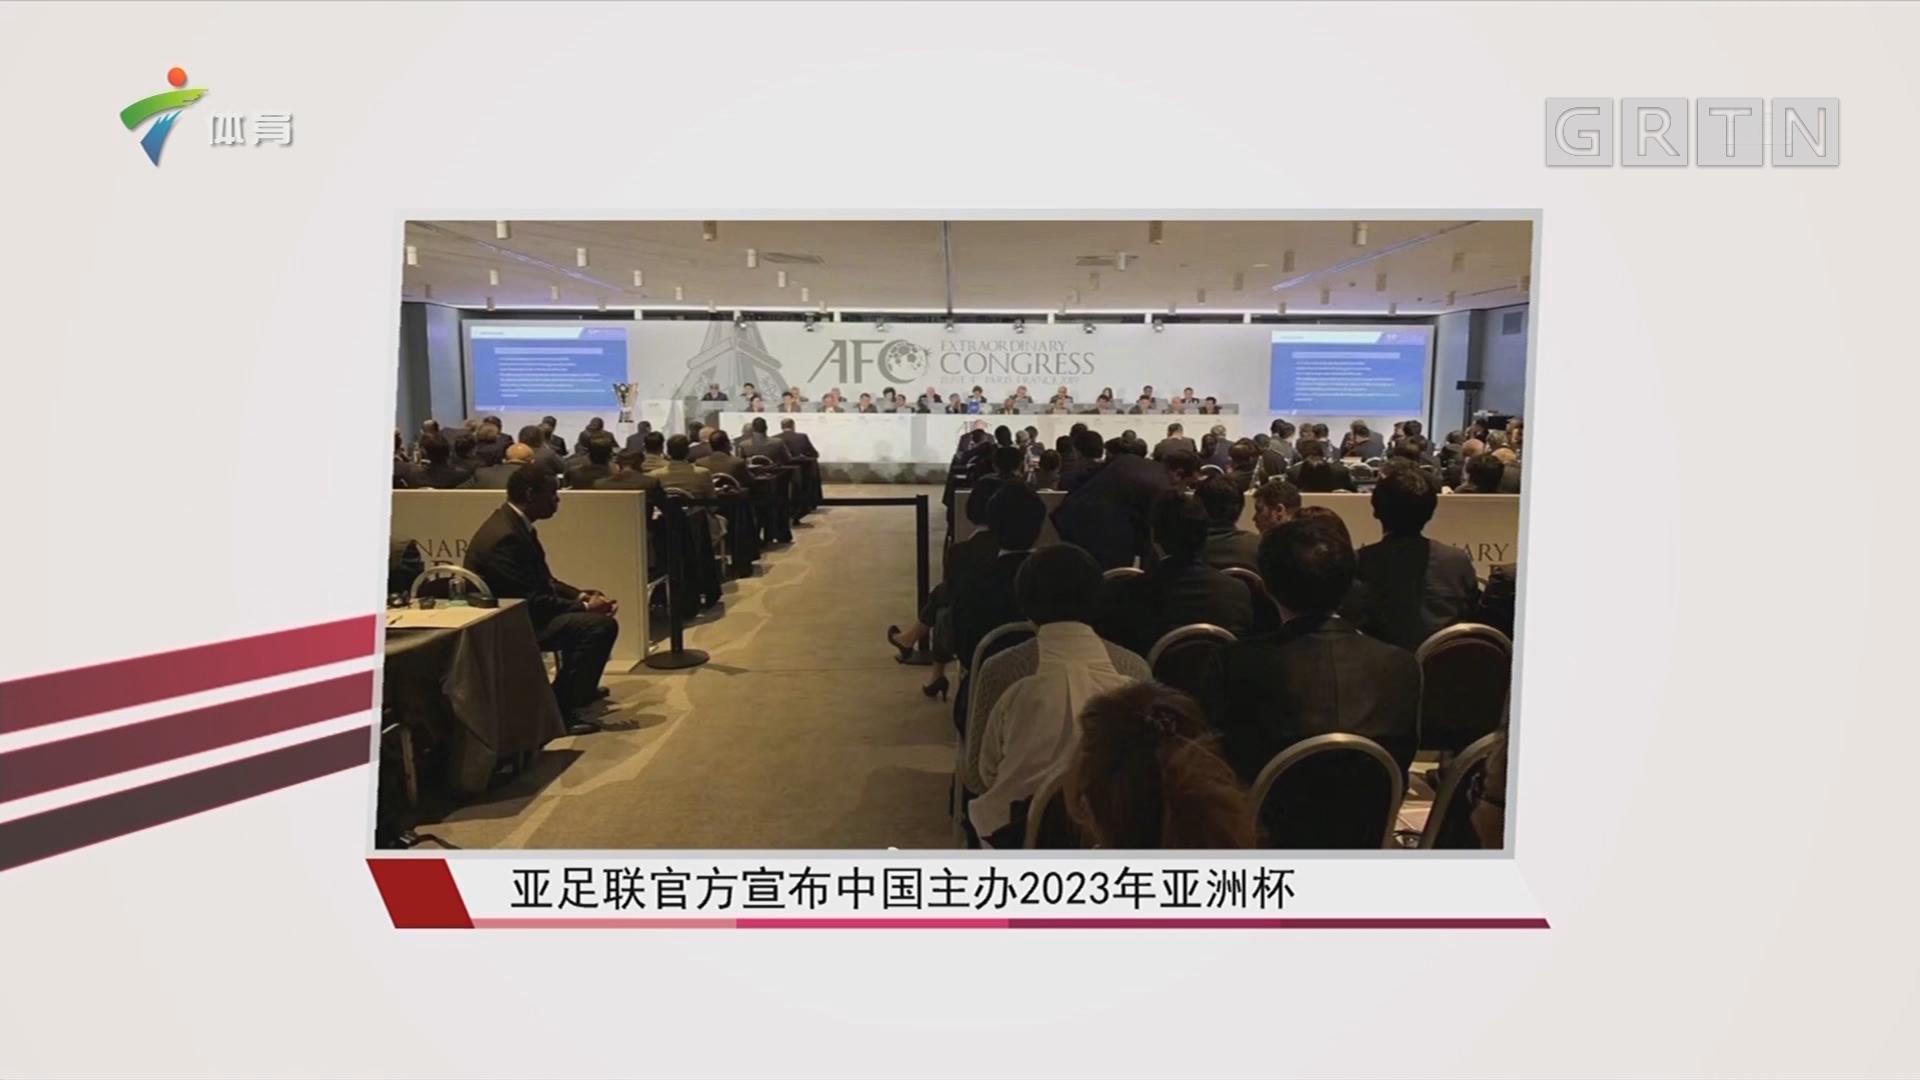 亚足联官方宣布中国主办2023年亚洲杯